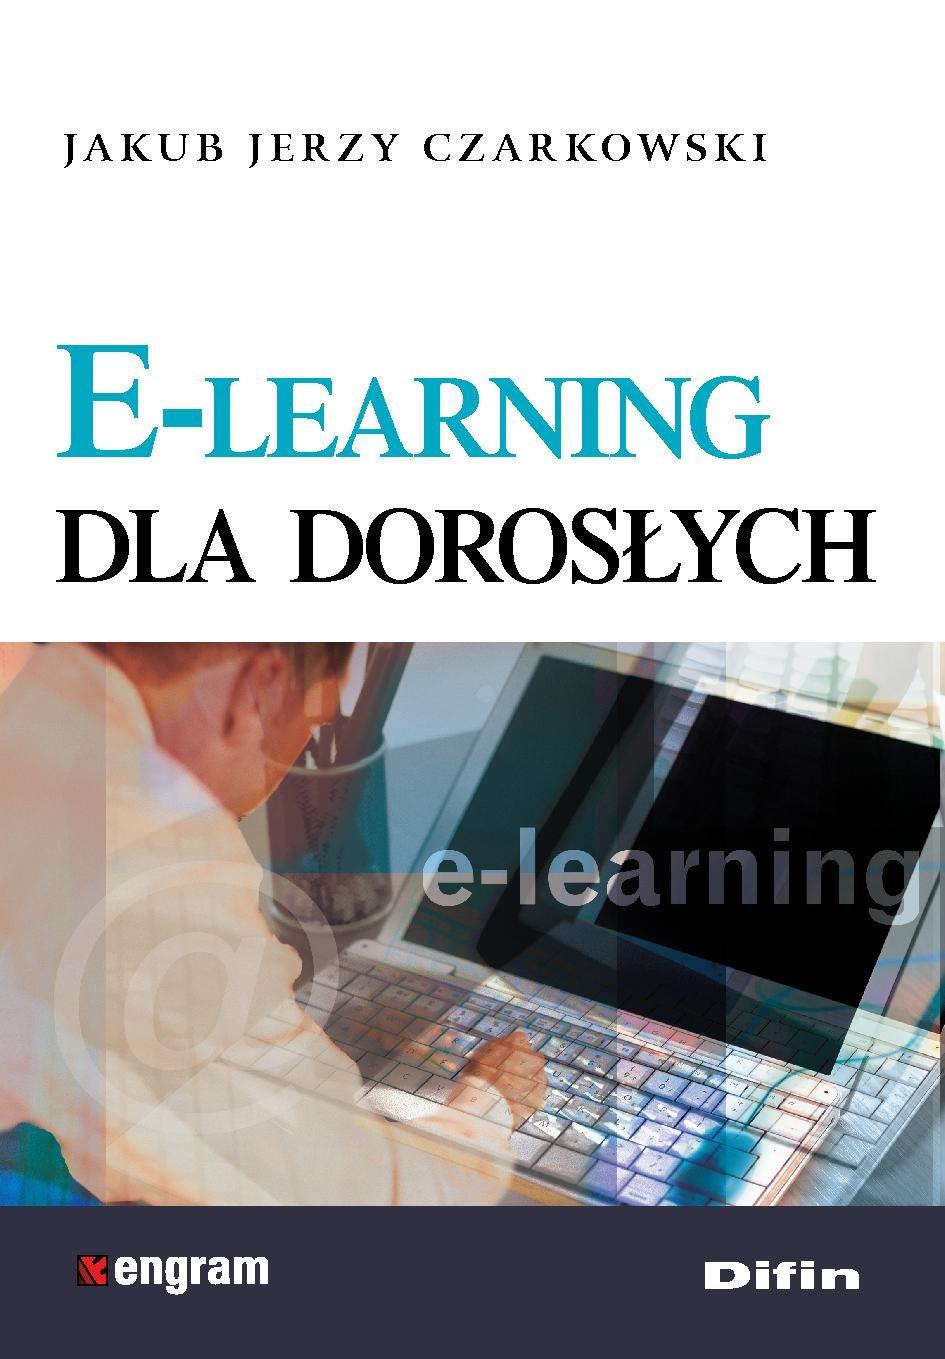 E-learning dla dorosłych - Ebook (Książka PDF) do pobrania w formacie PDF